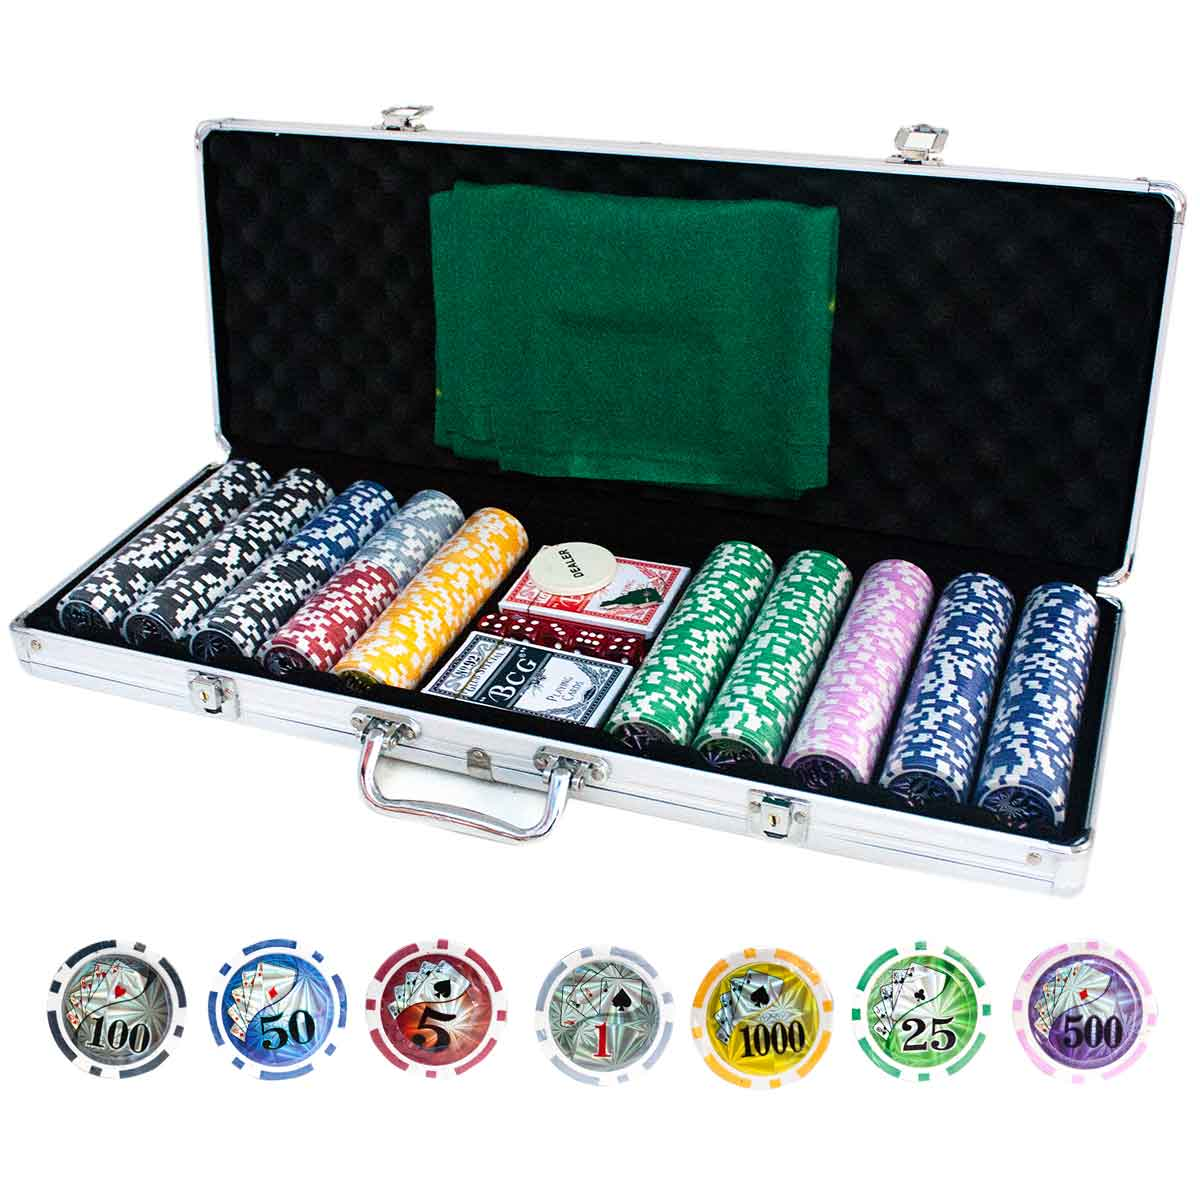 Maleta Poker 500 Fichas Com Numeração Abs Metal Alça